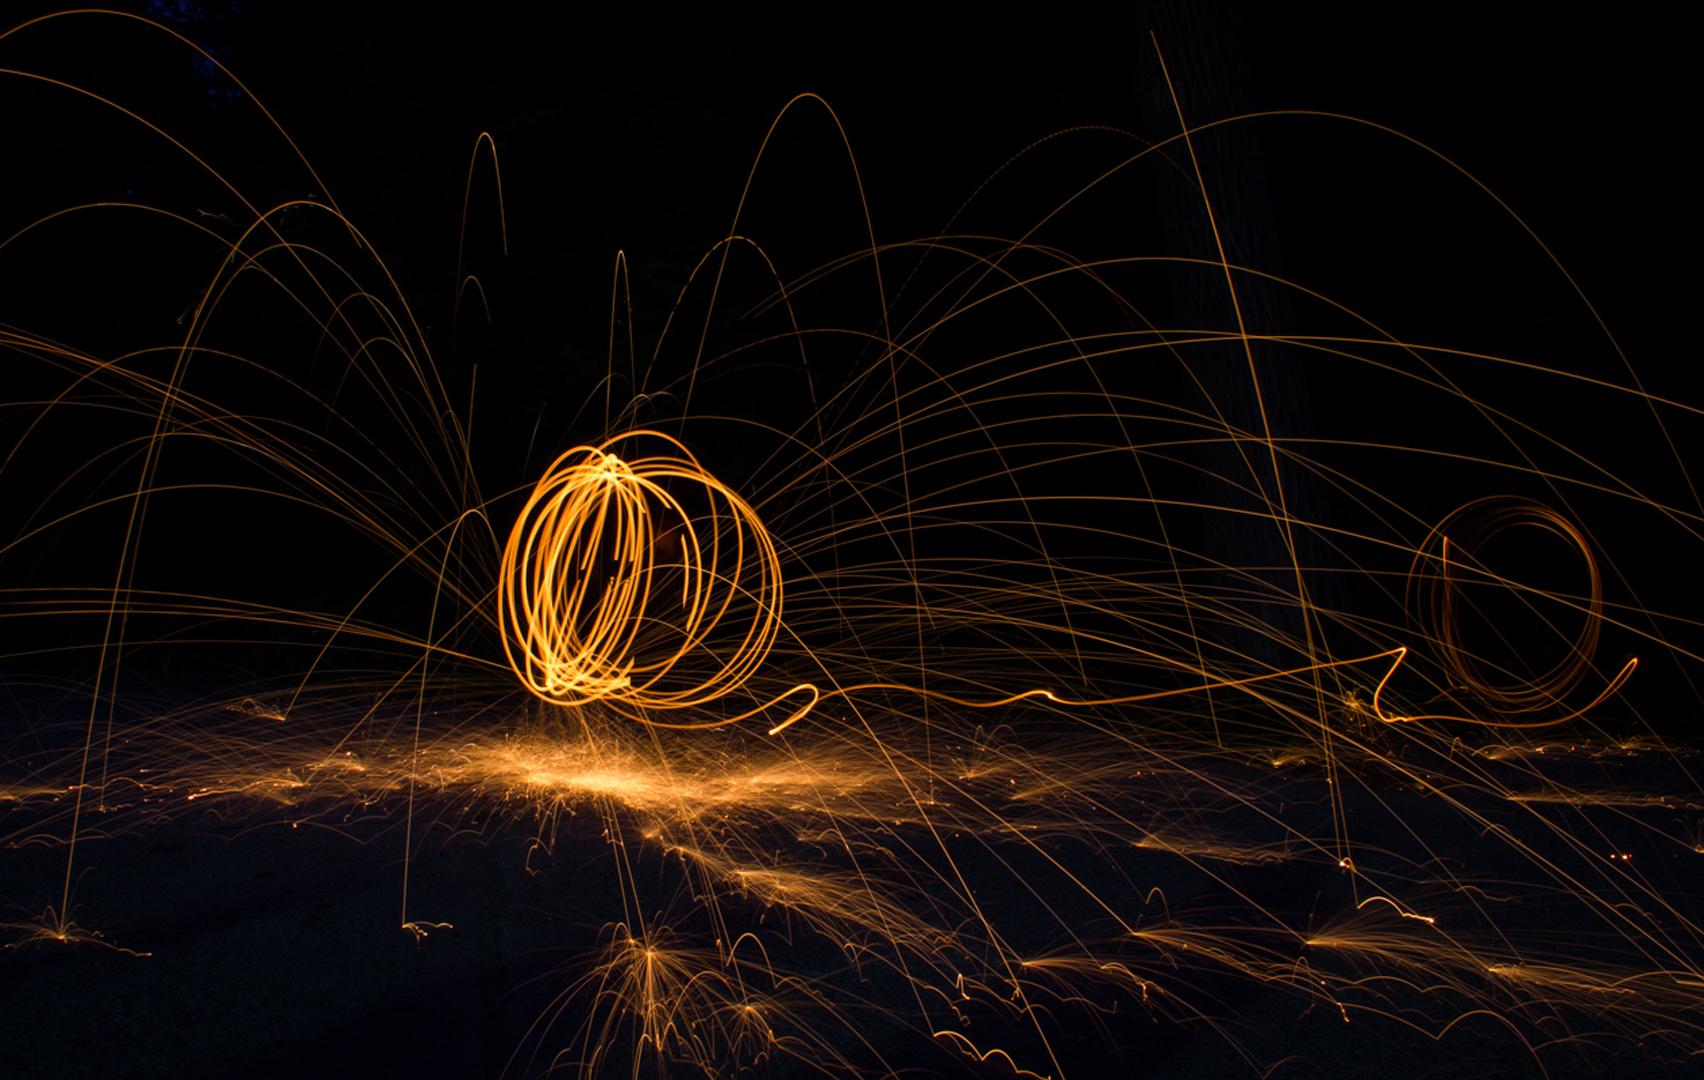 Spinning Steel - Digital (Action) - Tara Nelson